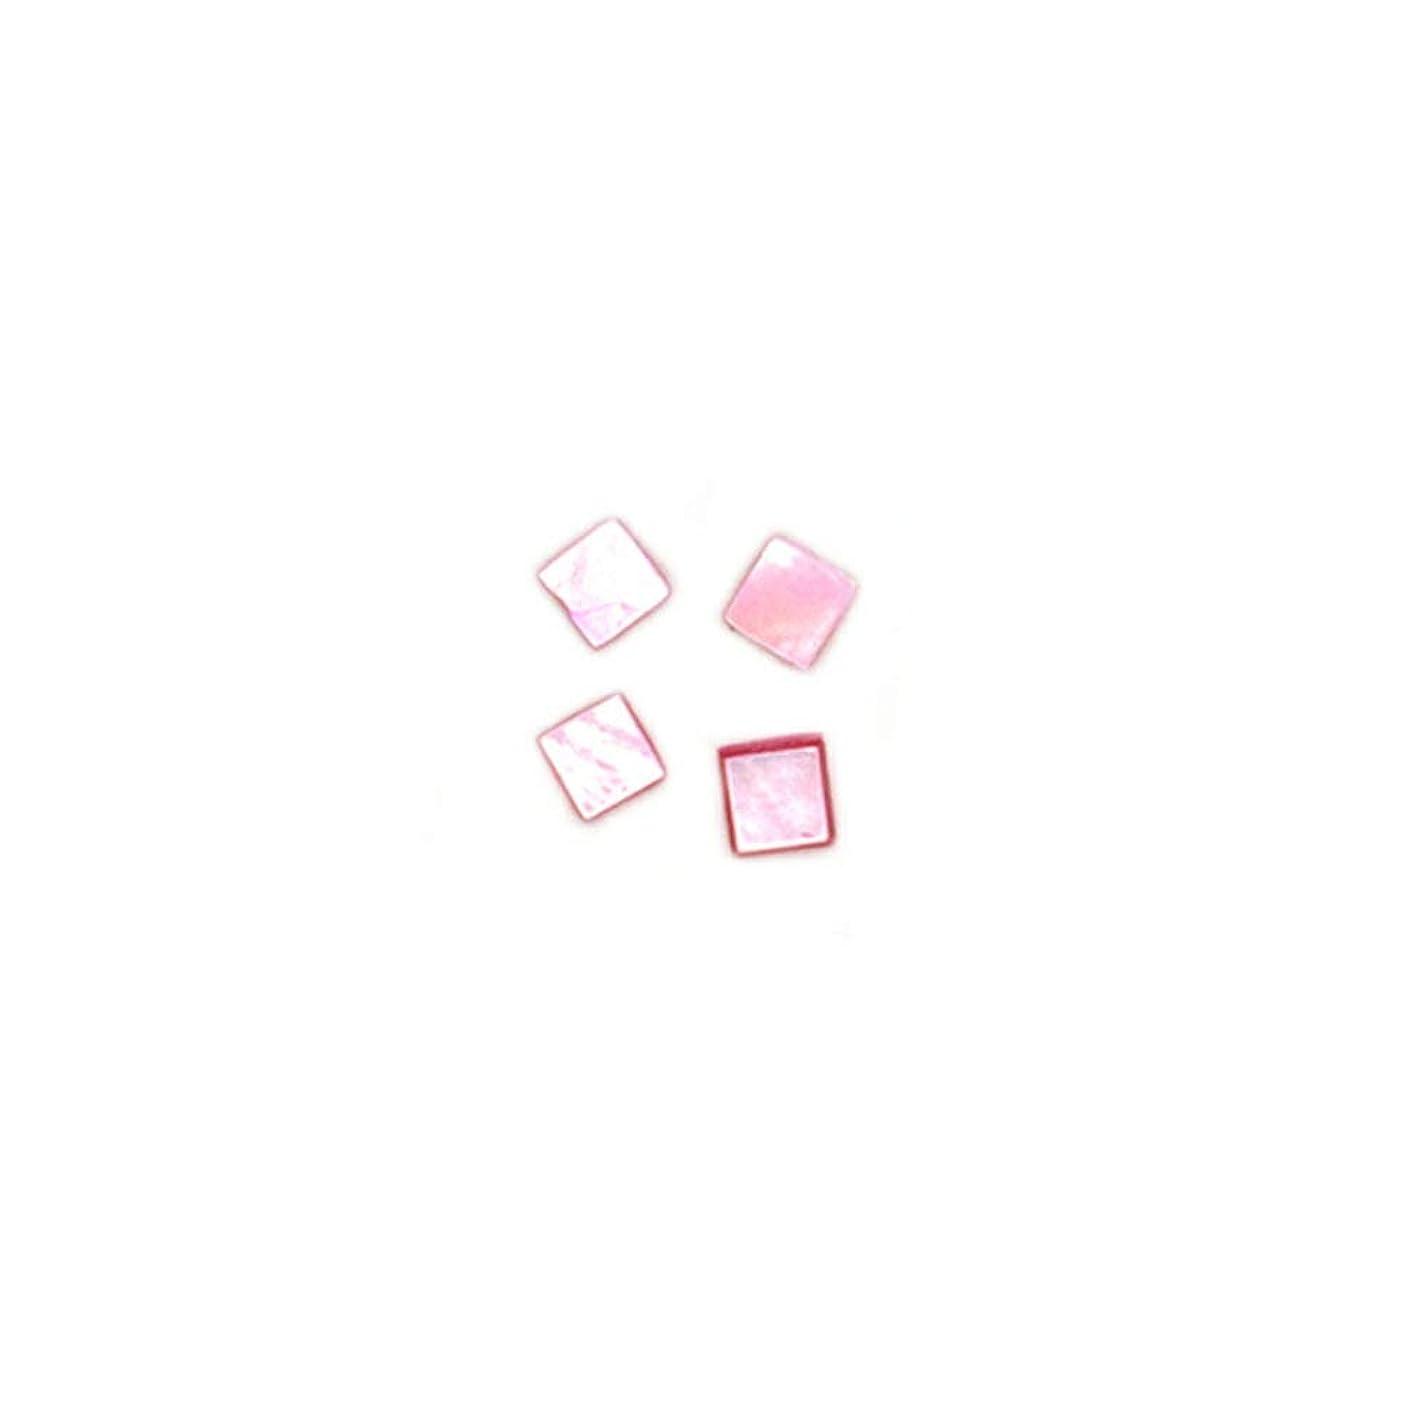 うぬぼれ船外天窓irogel イロジェル ネイルアート カラーシェルプレート シェルパーツ 【タイプA ピンク】